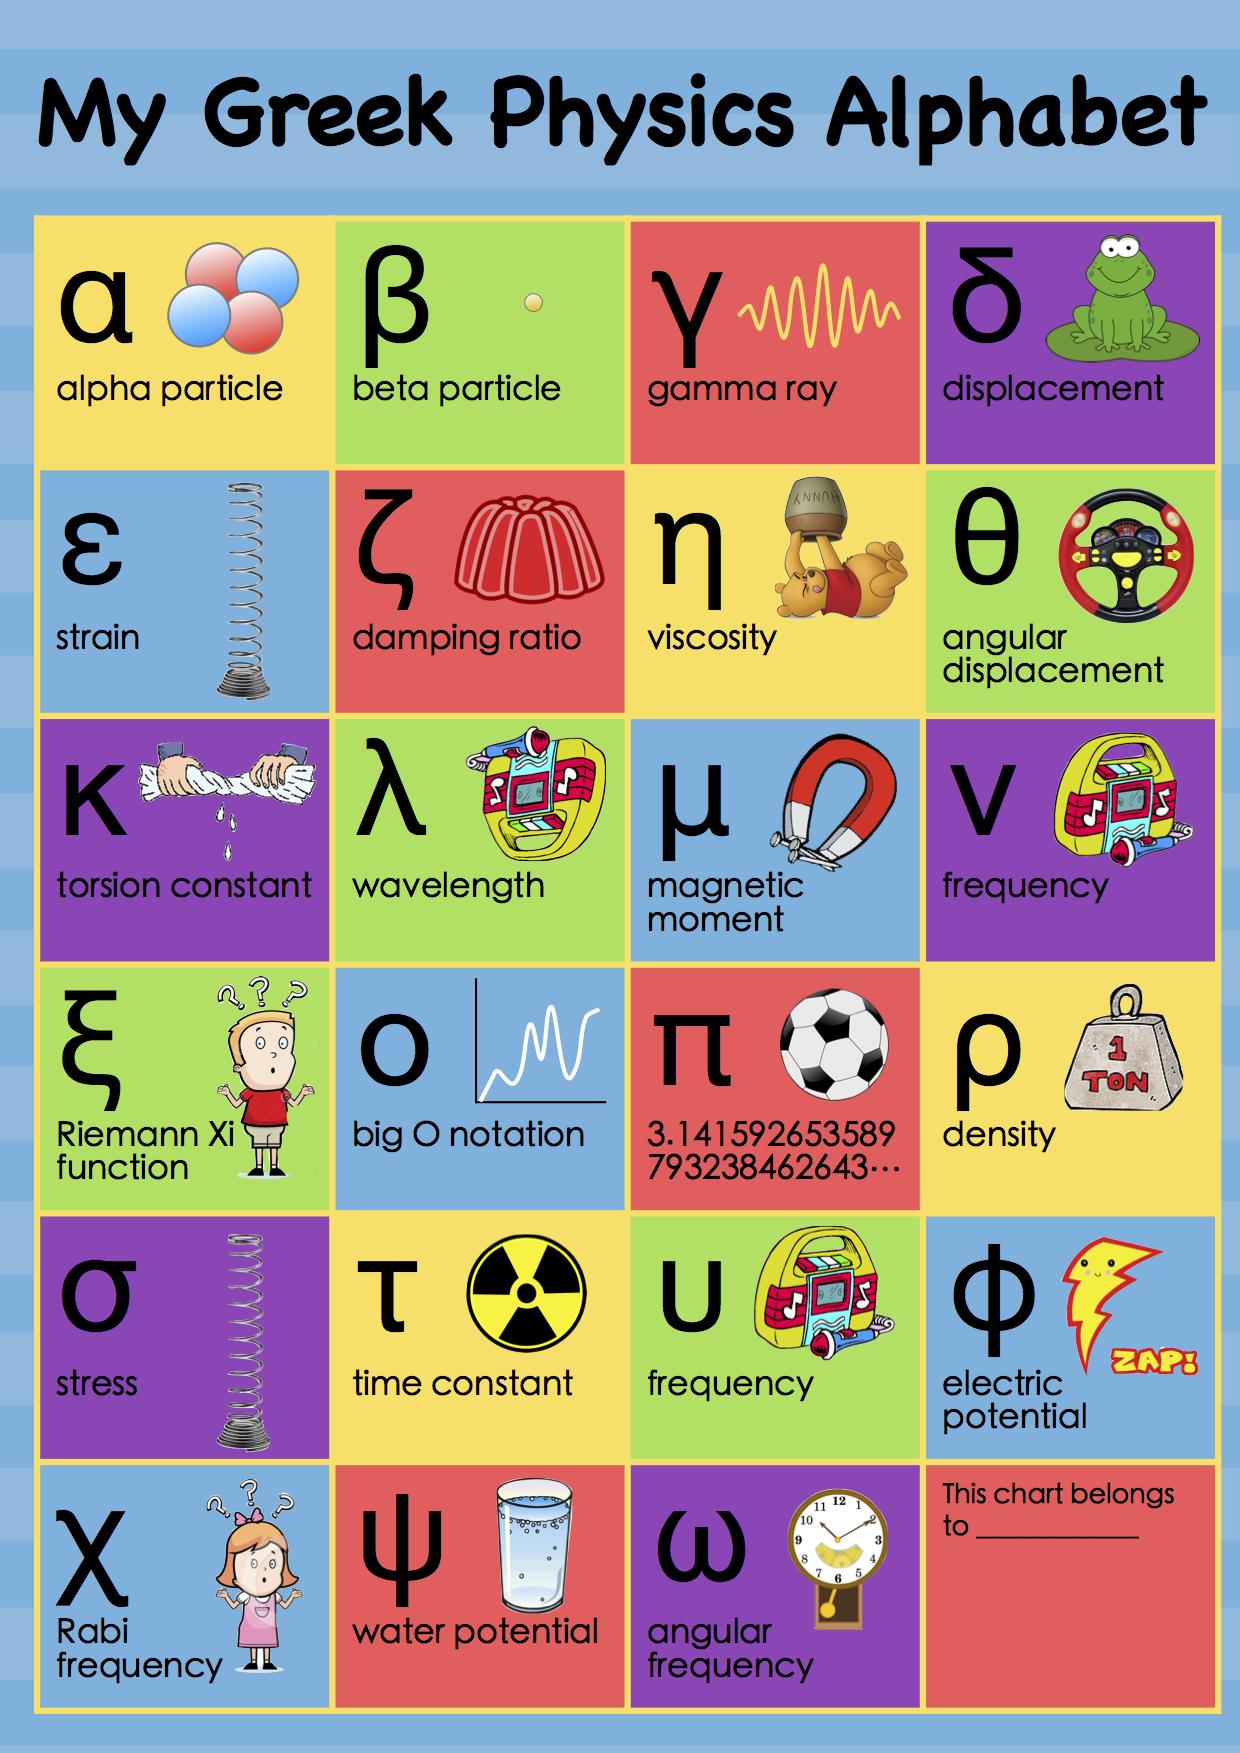 My Greek Physics Alphabet